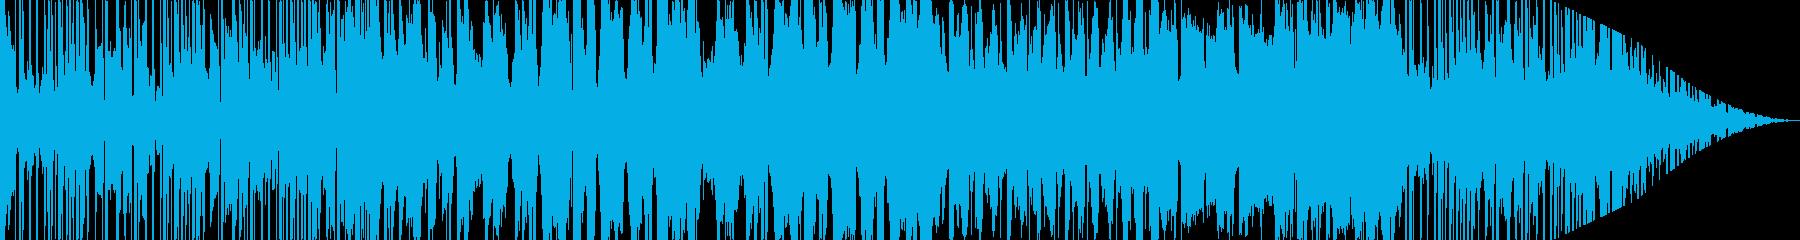 ダブステップ 積極的 焦り 広い ...の再生済みの波形